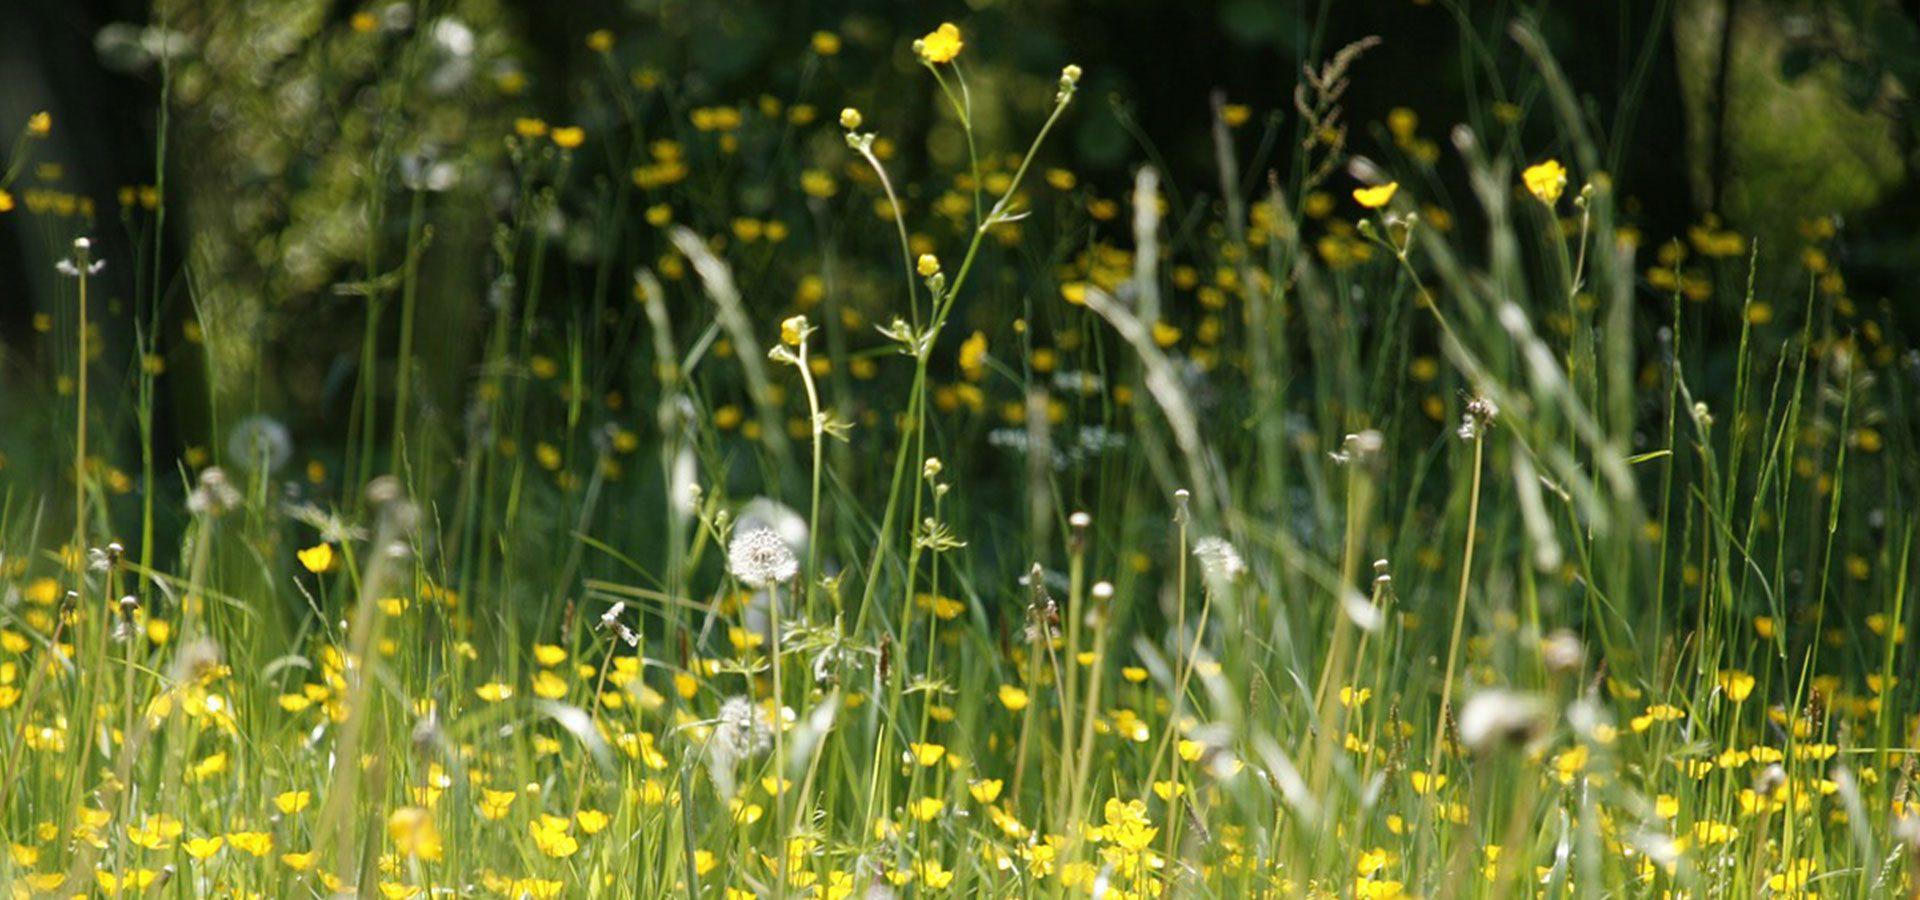 dandelion field 1920x900-60lower